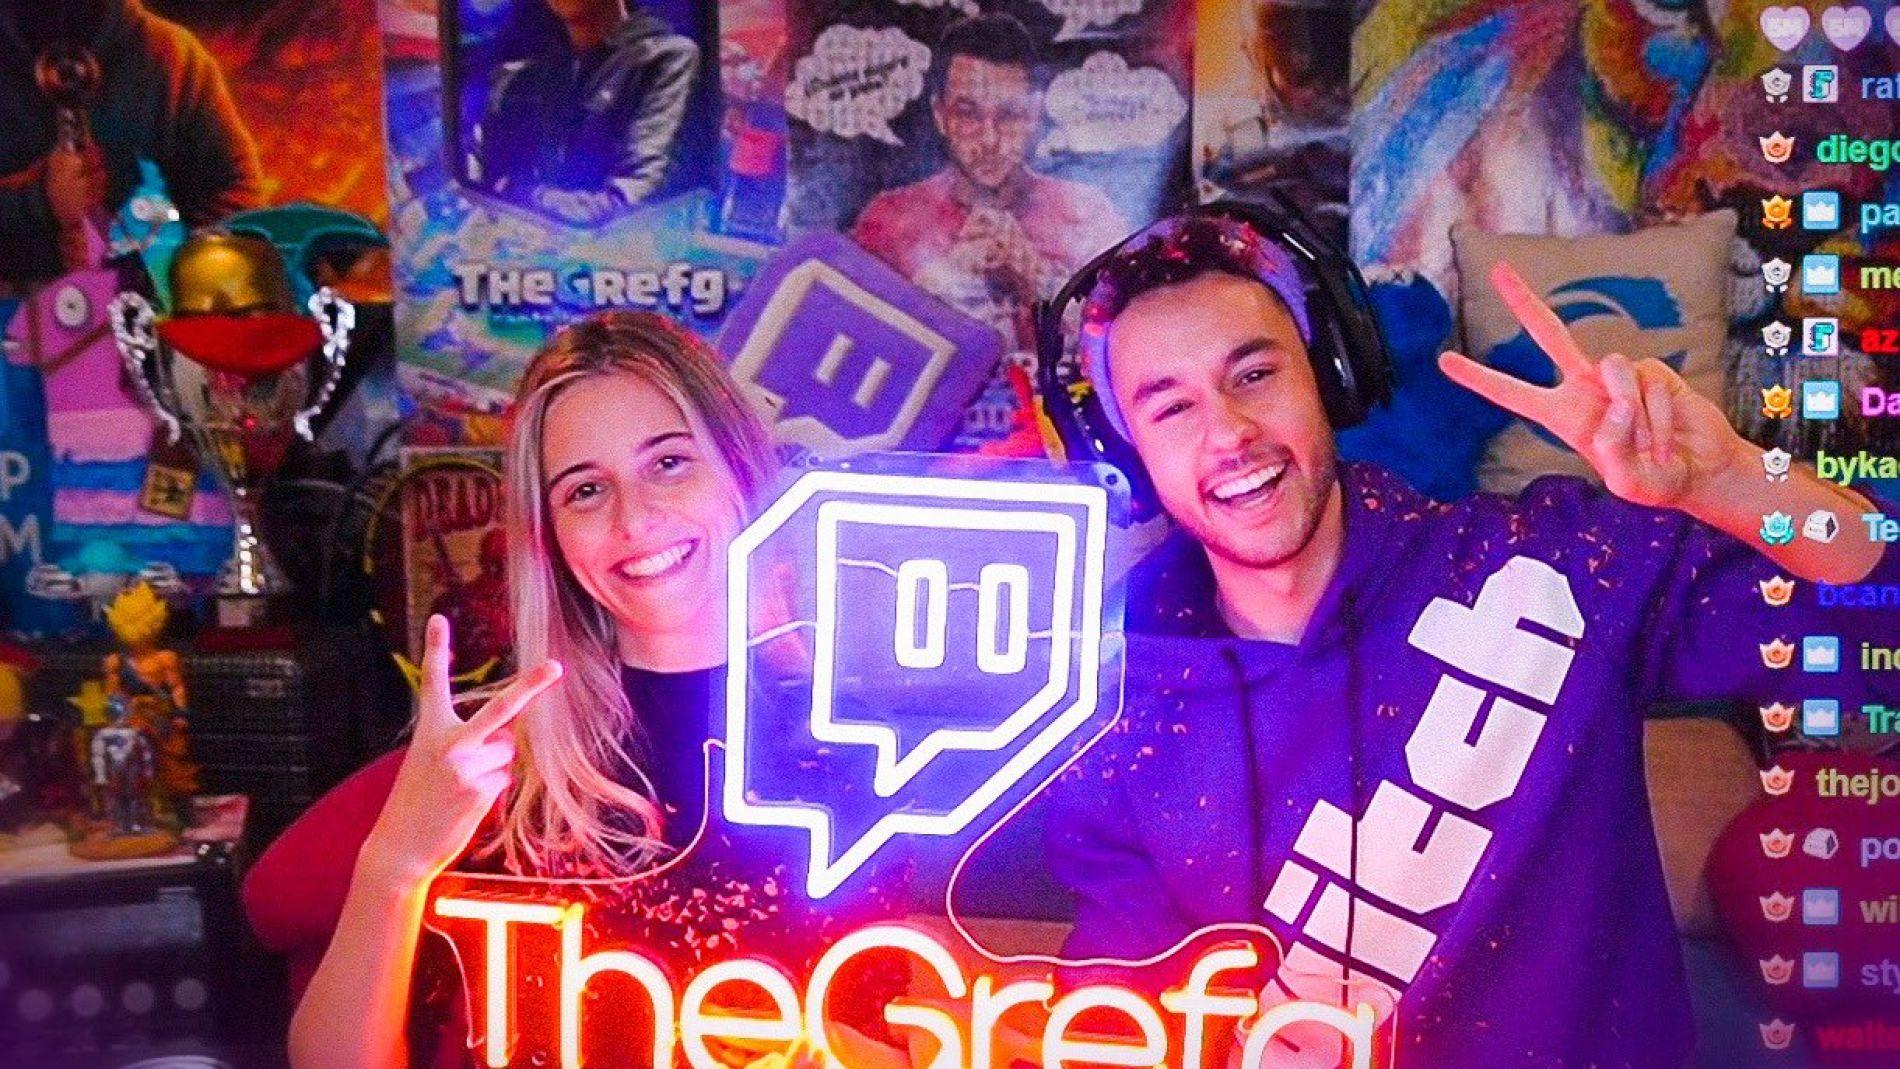 Gemmita y TheGrefg celebrando los 5 millones de seguidores en Twitch